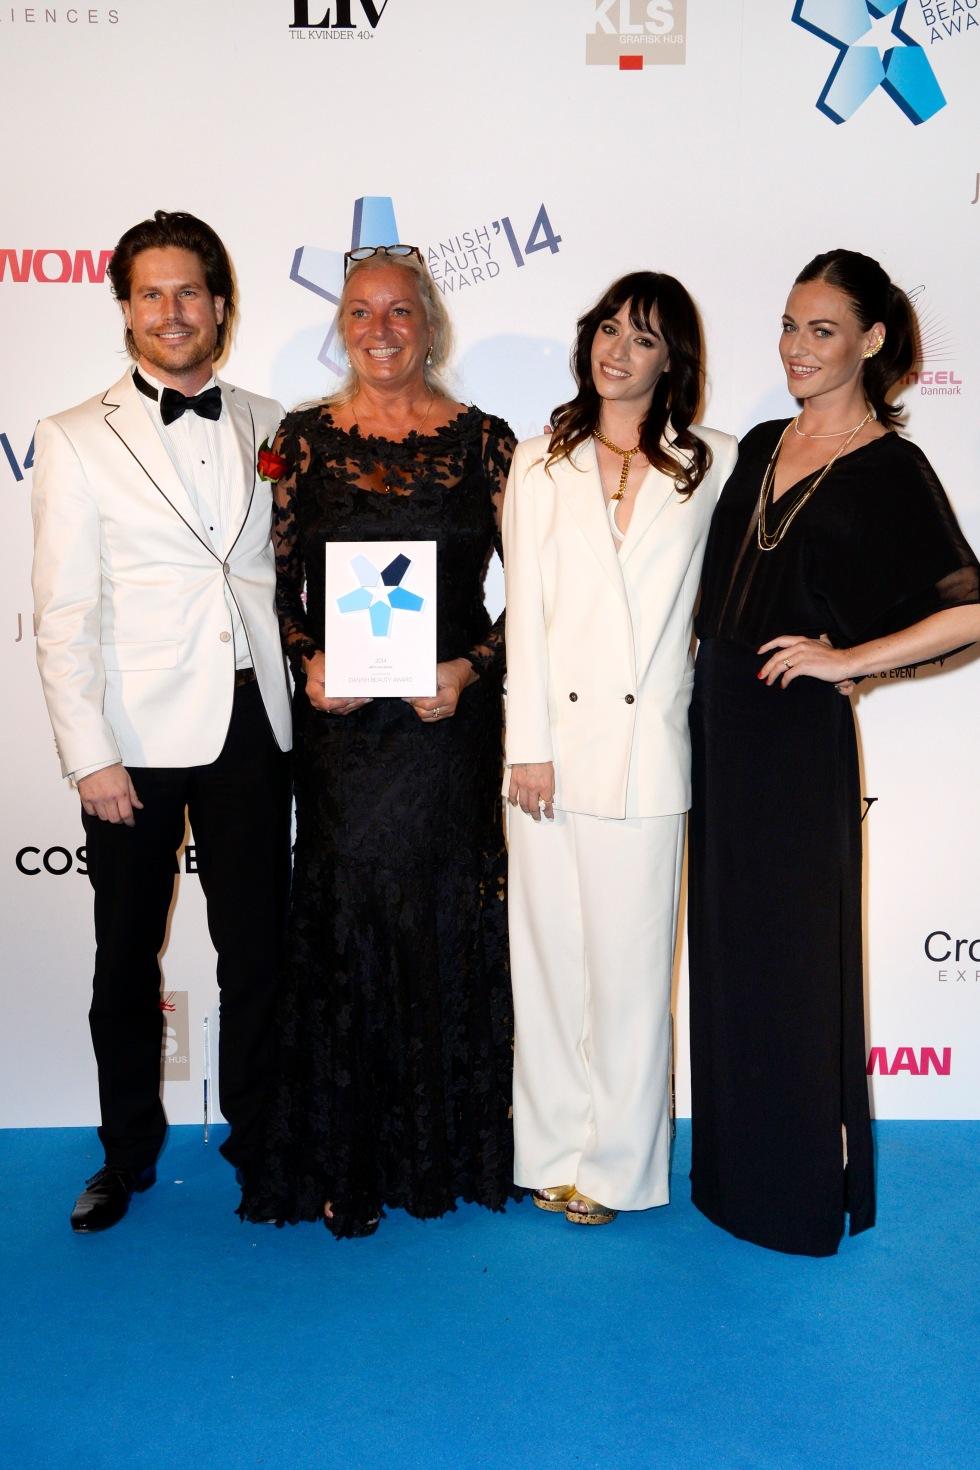 Ilse Jacobsen tog imod prisen som Årets Nye Brand ved Danish Beauty Award sammen med Daniel Lafrenz. Statuetten blev overrakt af Cecilie Lassen og Sarah Grünewald. Foto: Danish Beauty Award.